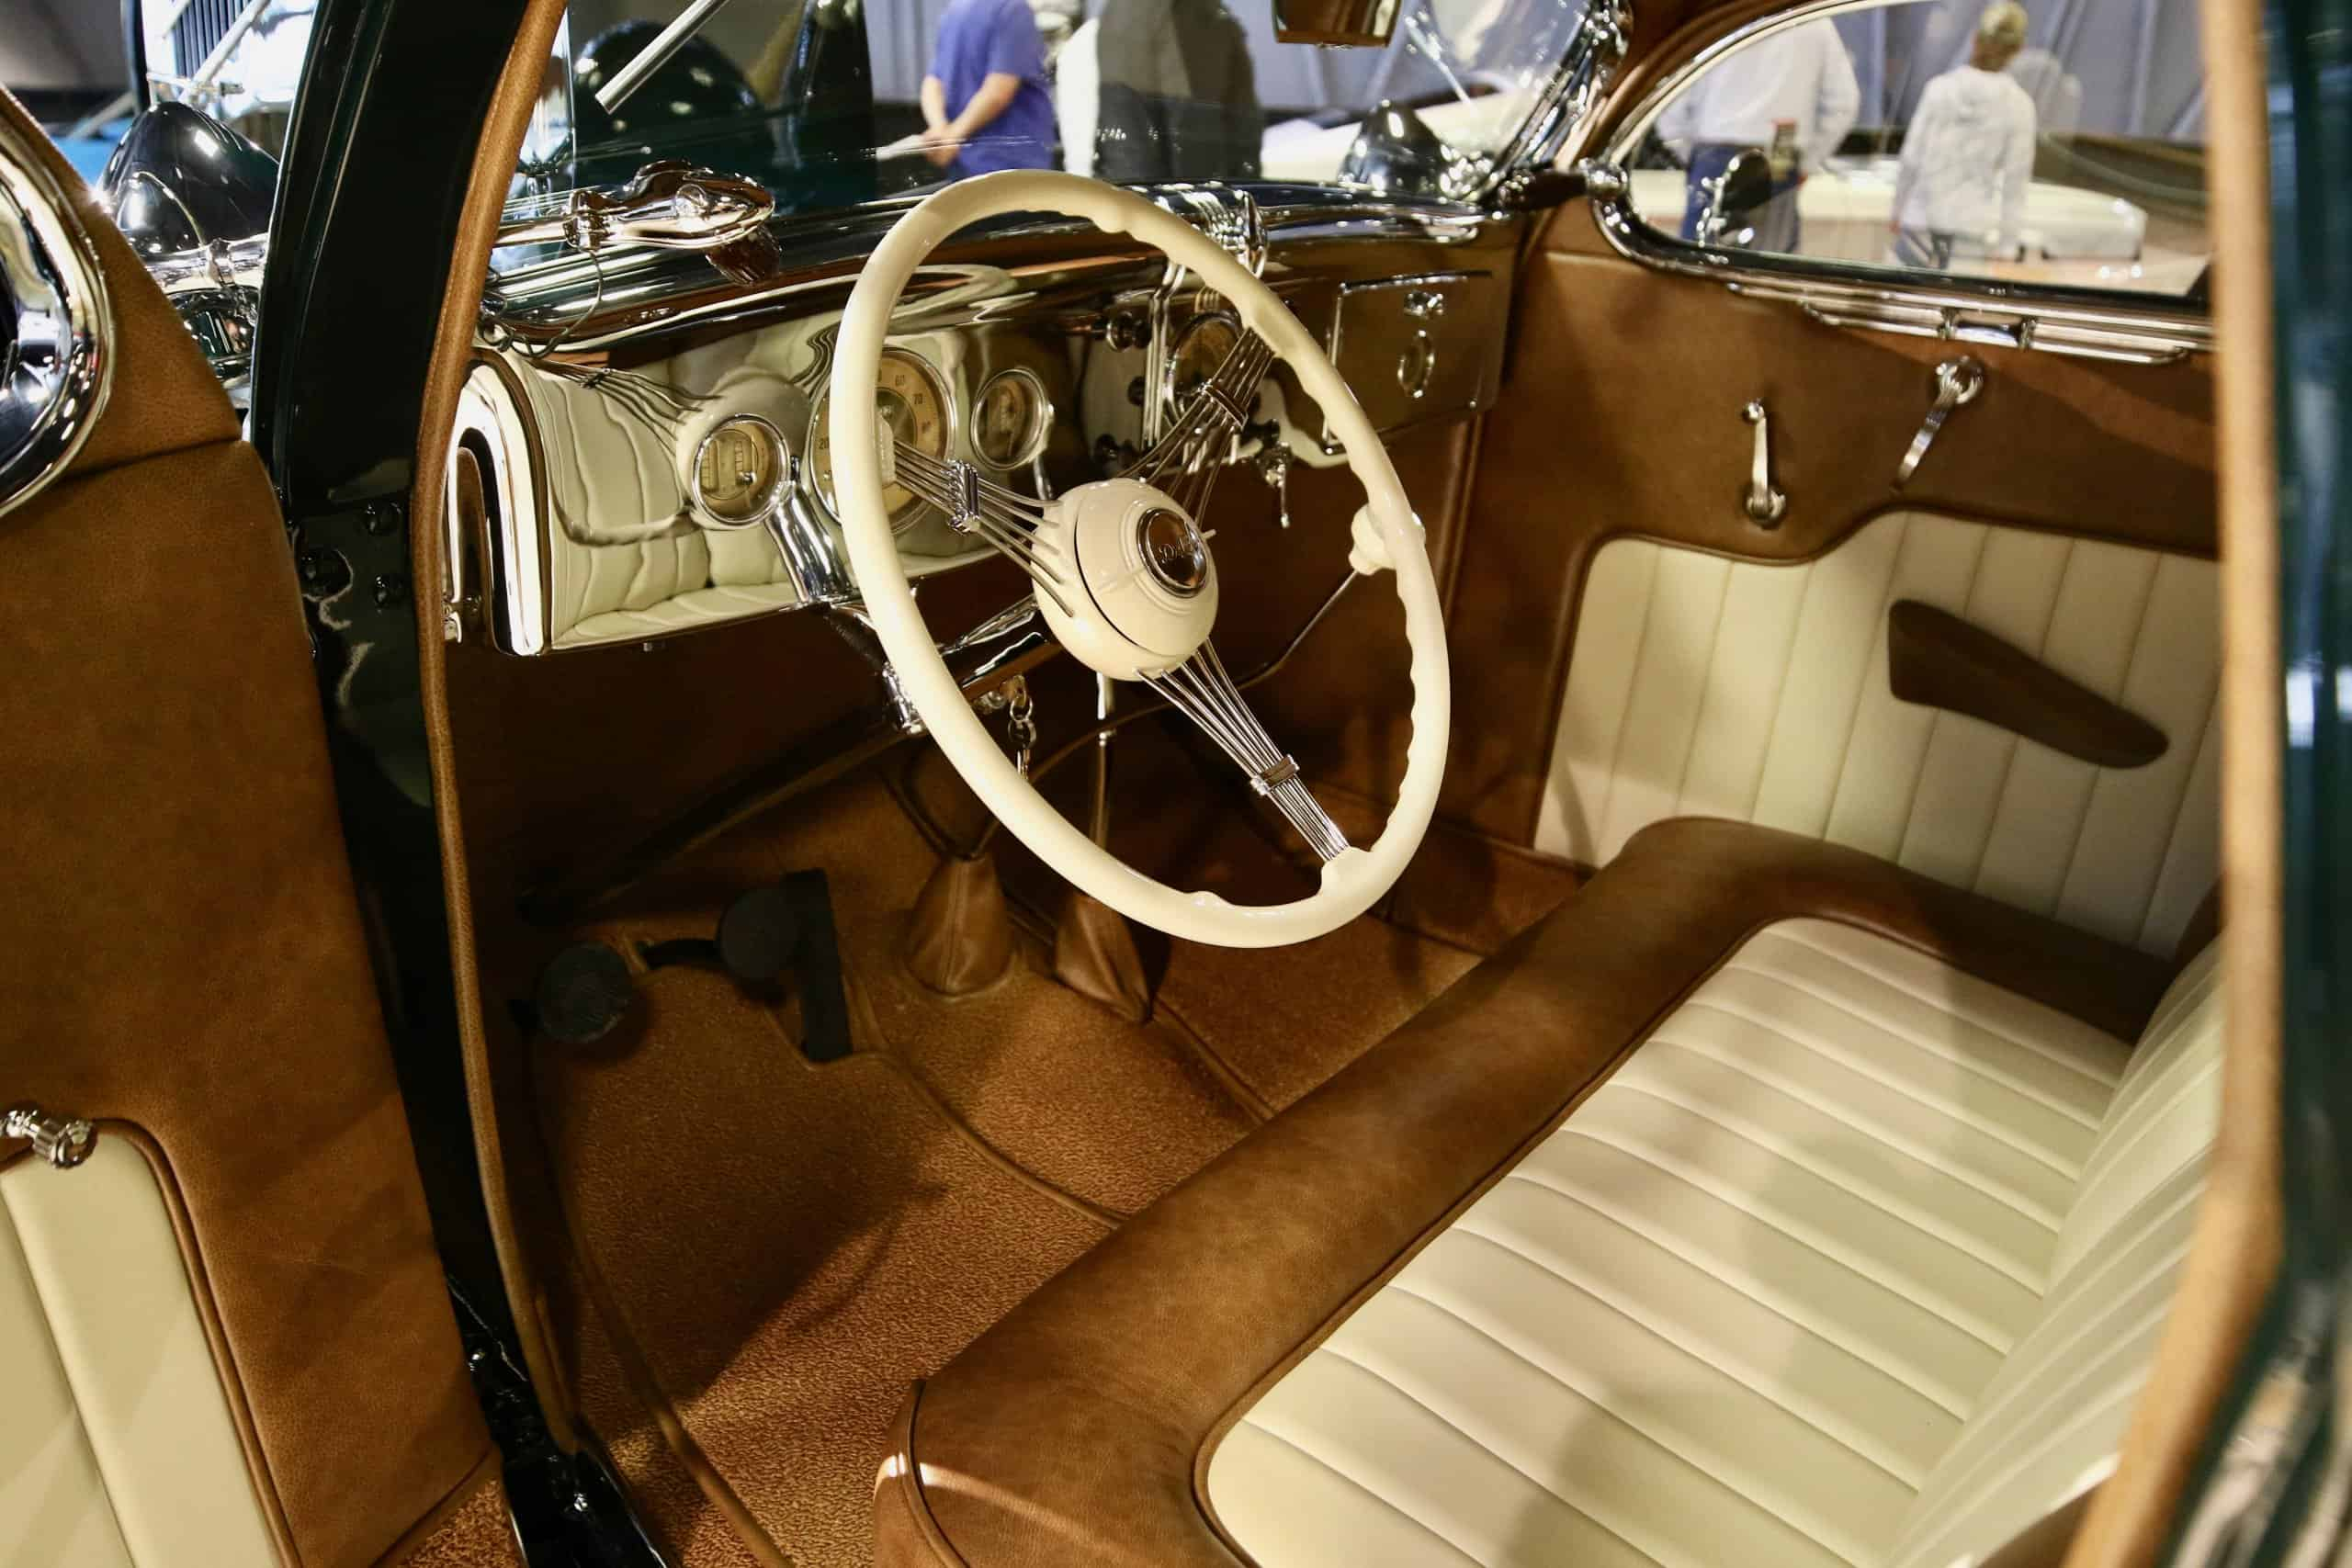 Sacramento Autorama, Grandfather's '36 Ford wins top honors at Sacramento Autorama, ClassicCars.com Journal